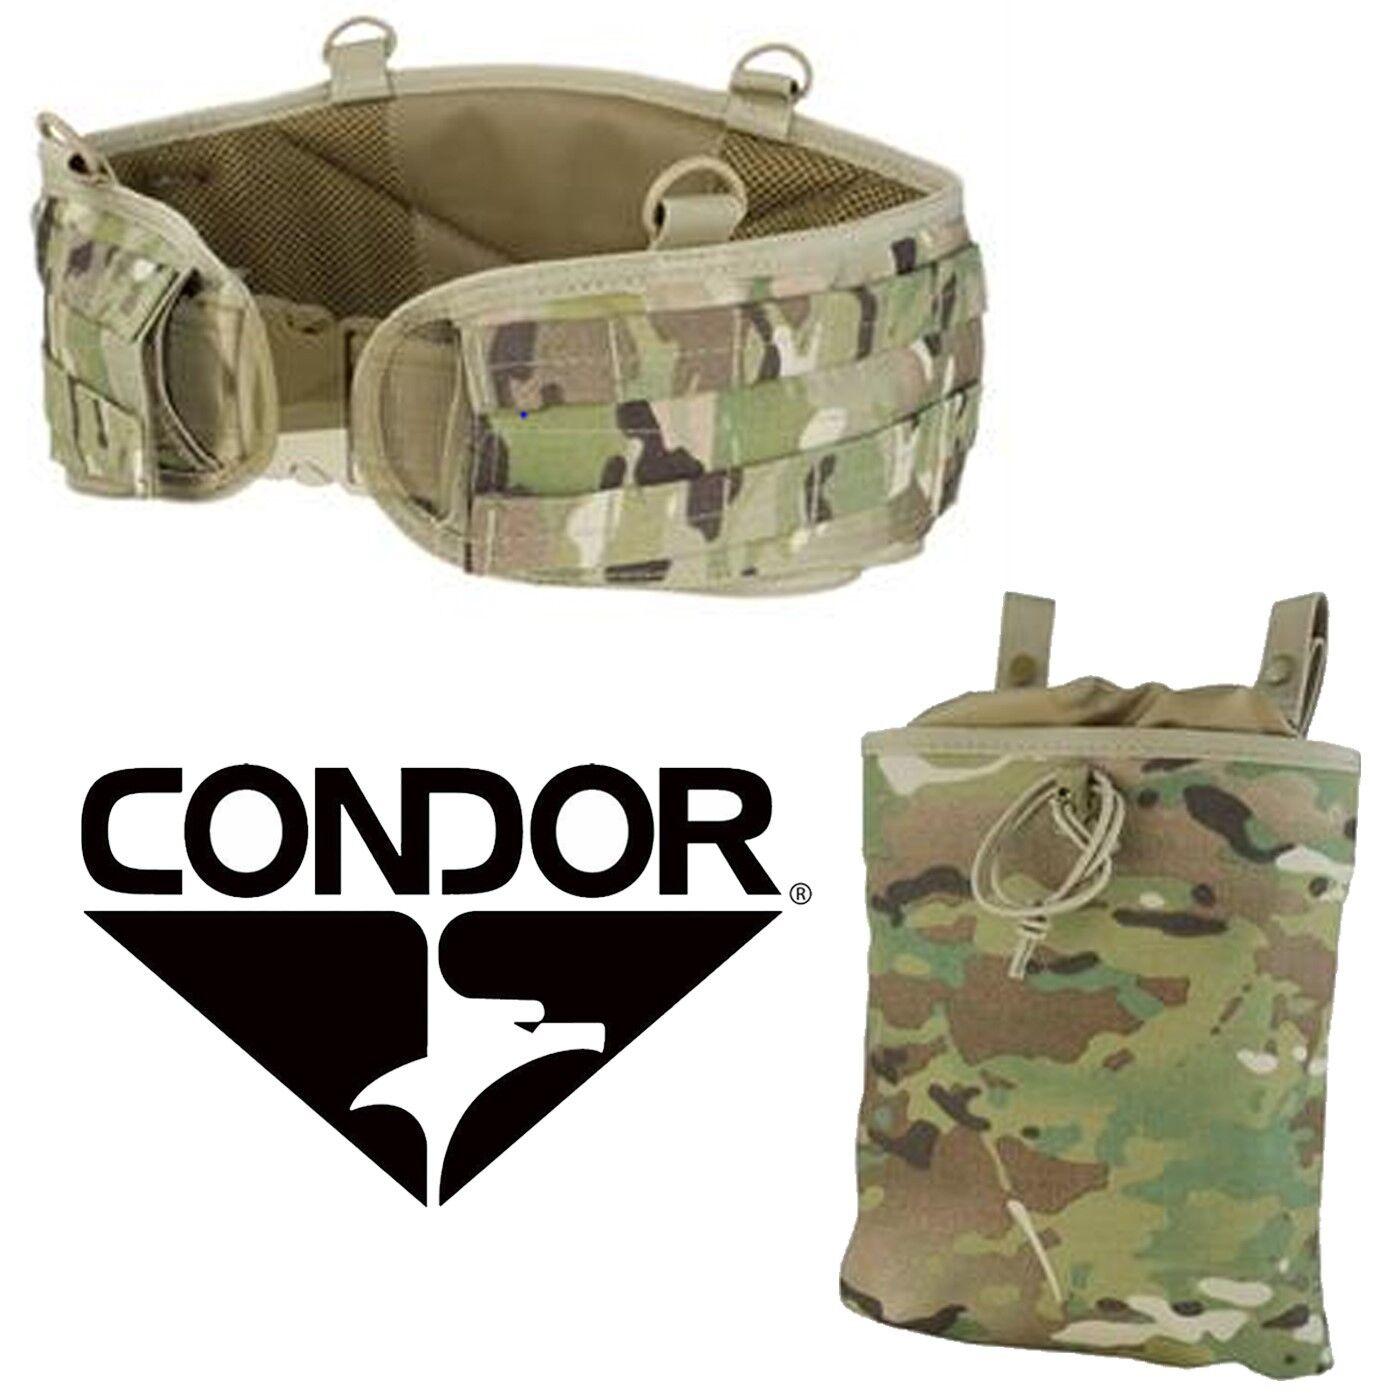 Condor MOLLE PALS Tactical Modular Battle Belt w  Magazine Dump Pouch Multicam